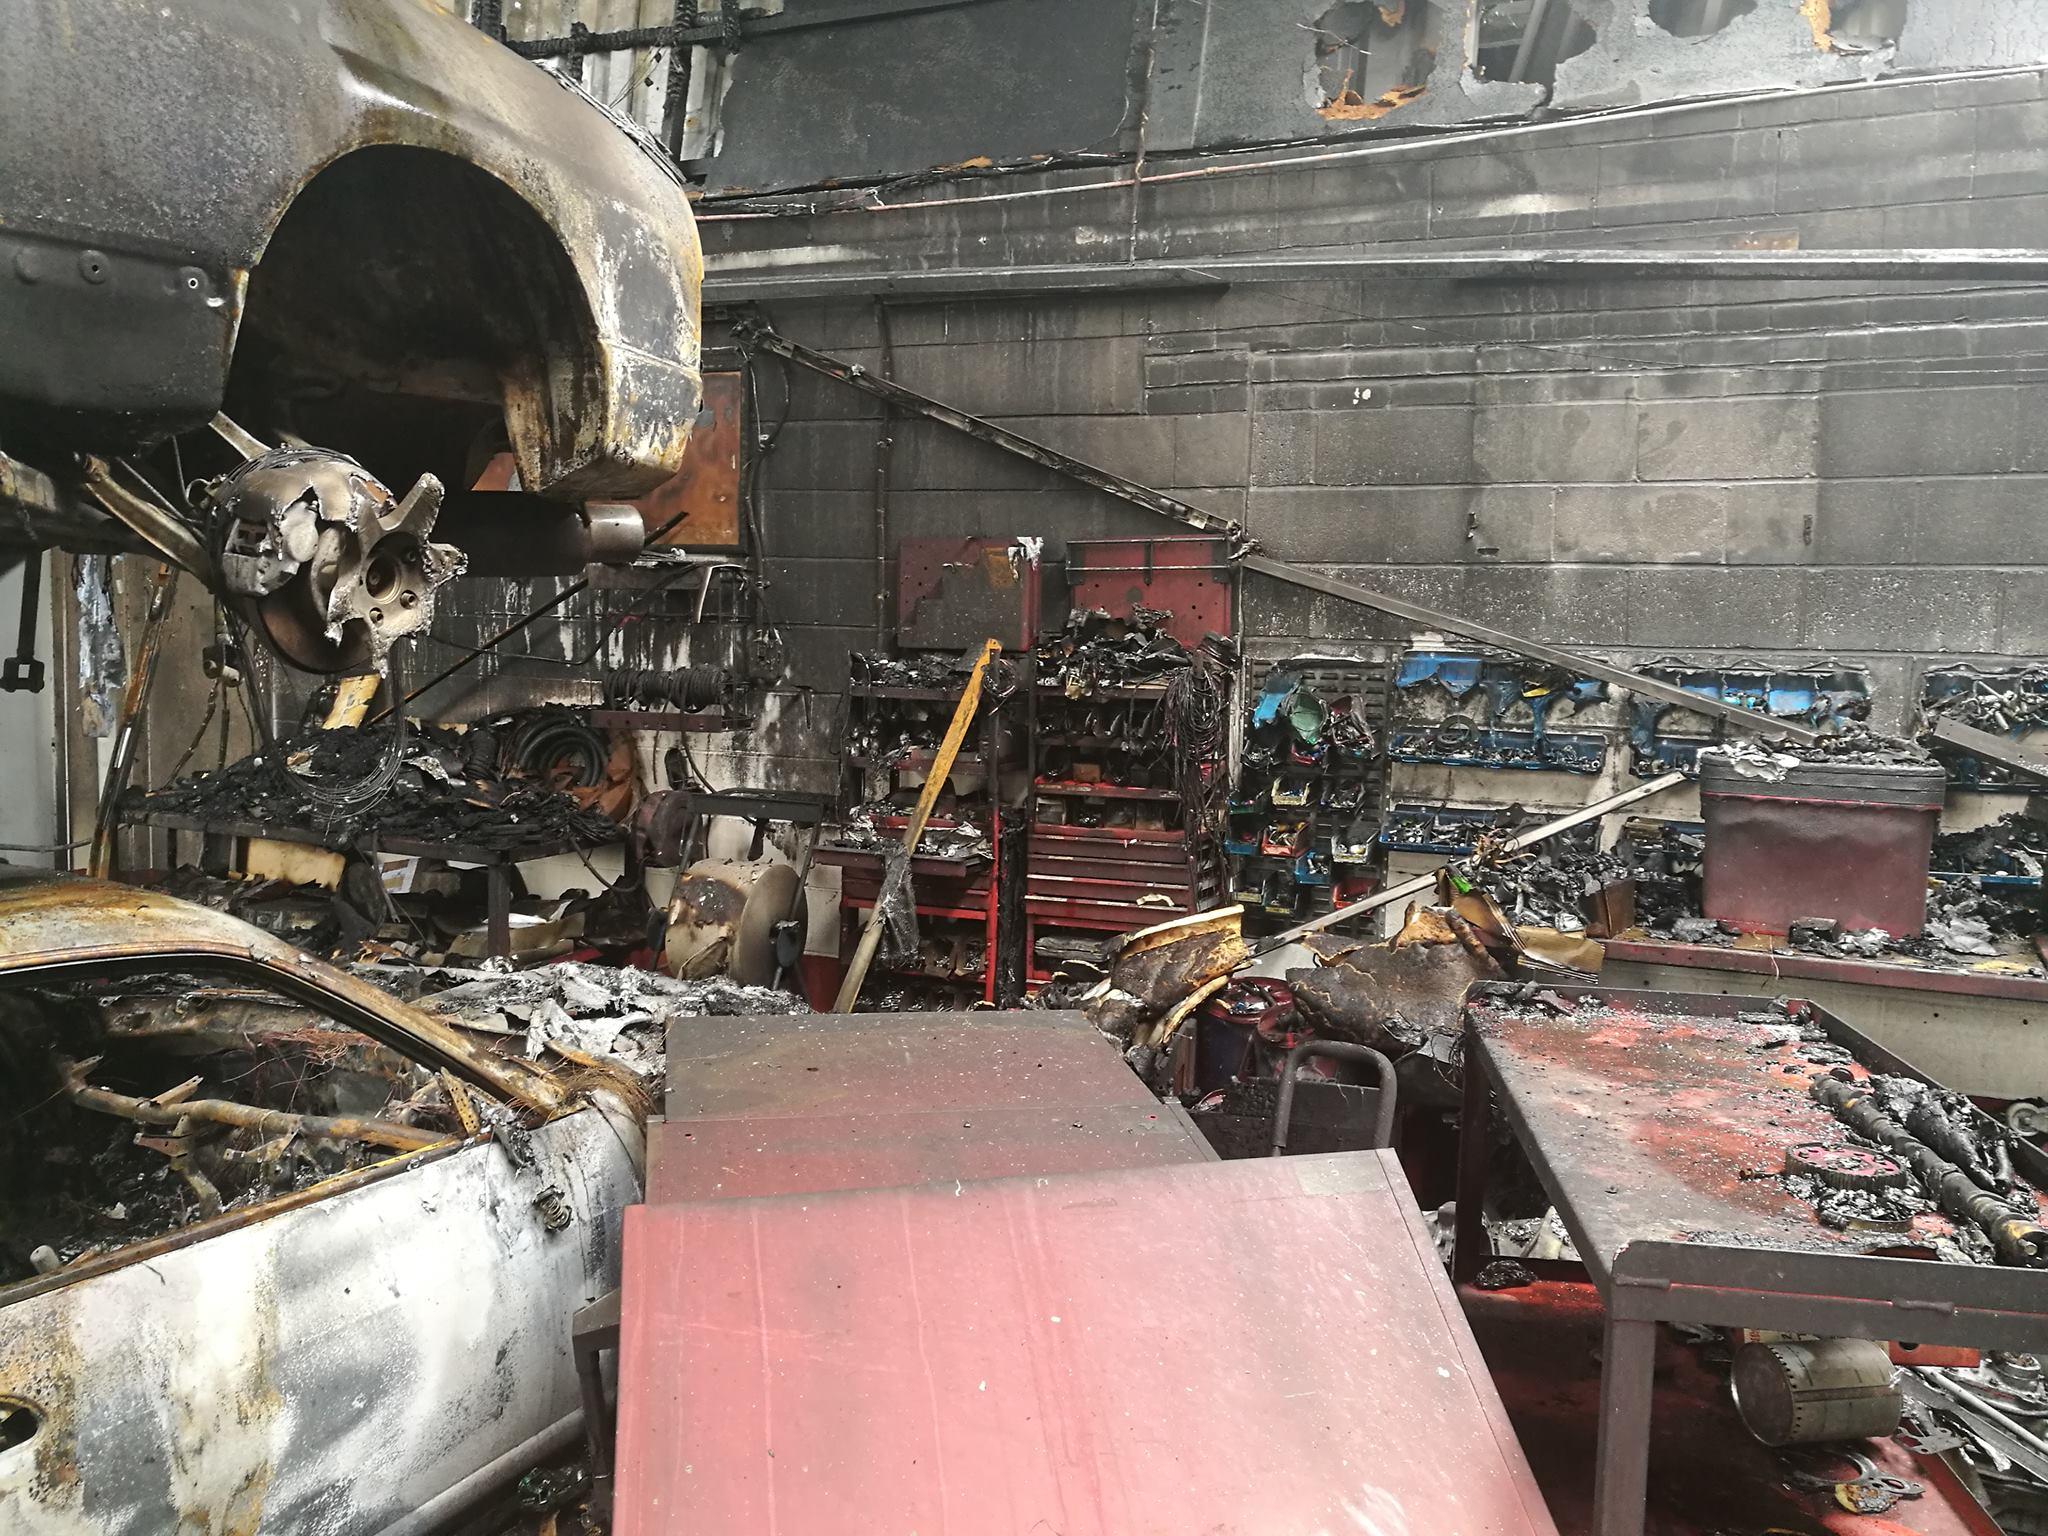 Несчастный случай произошел в начале на этой недели в Великобритании, недалеко от Уигана – там сгорел склад, полный автомобилей JDM.